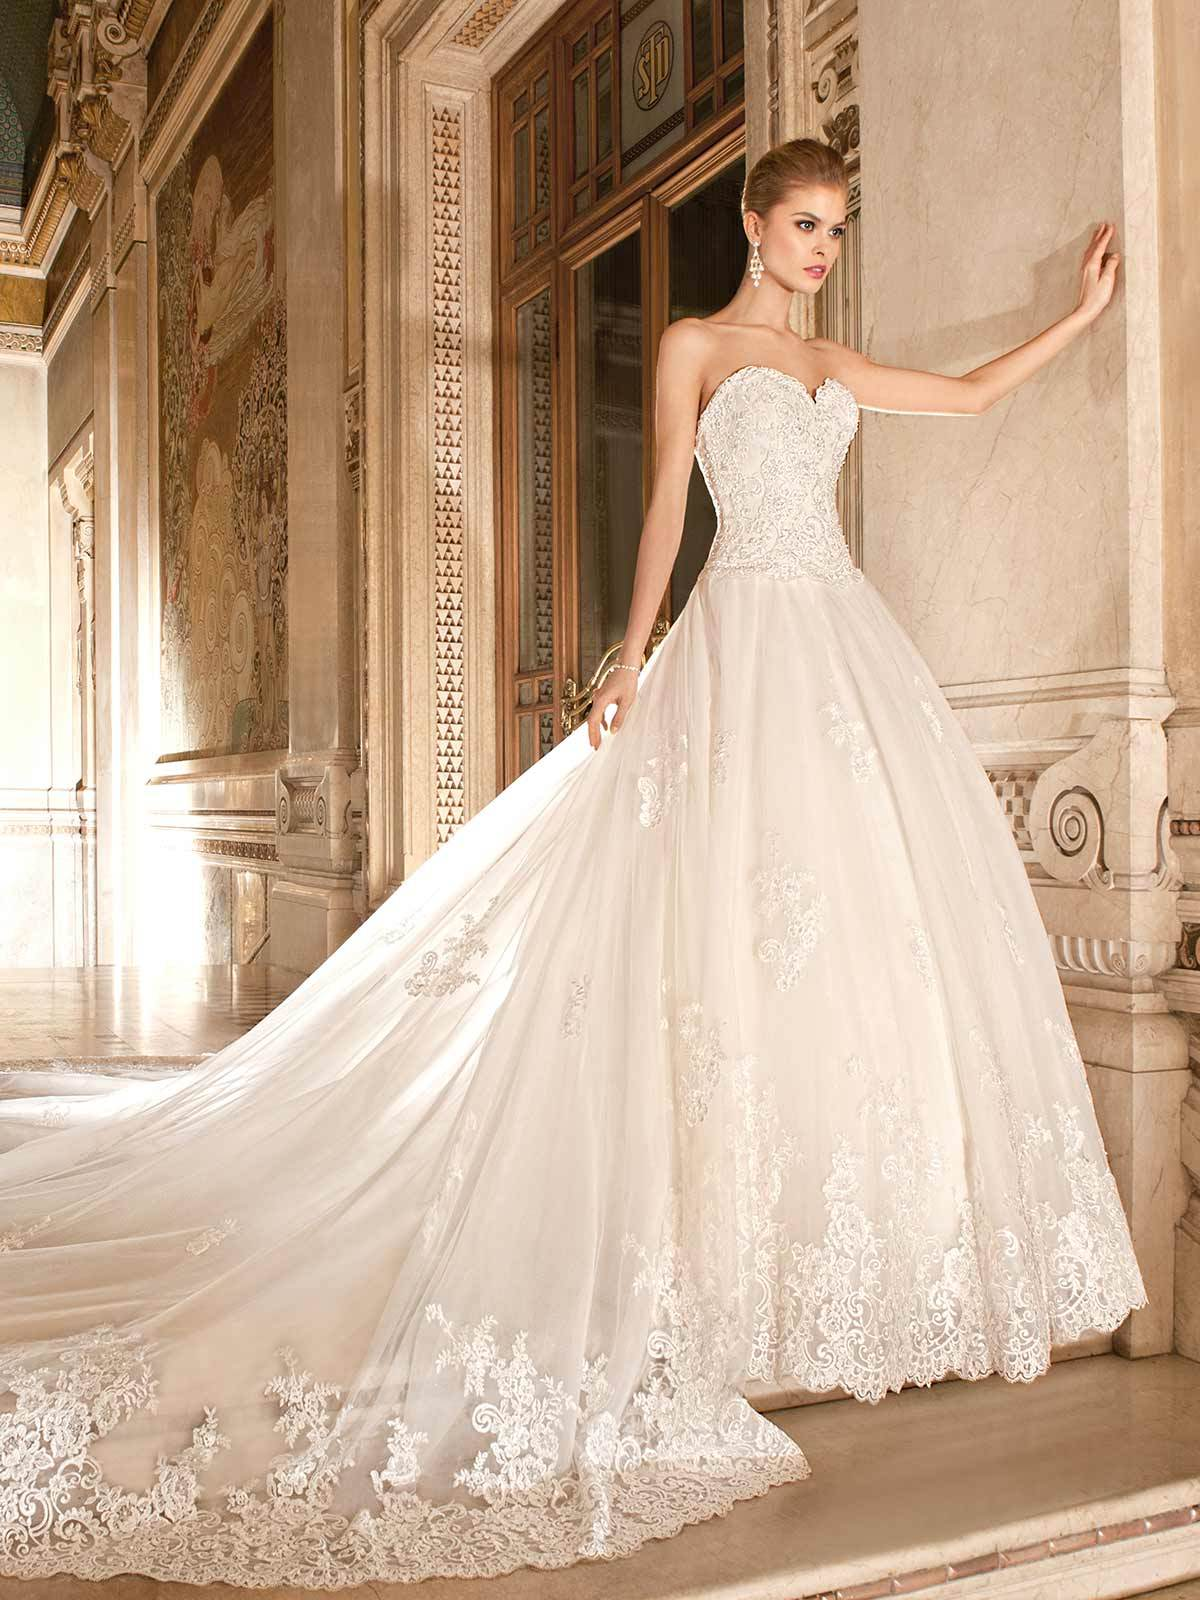 Brautkleid 4330 von Demetrios auf Ja.de